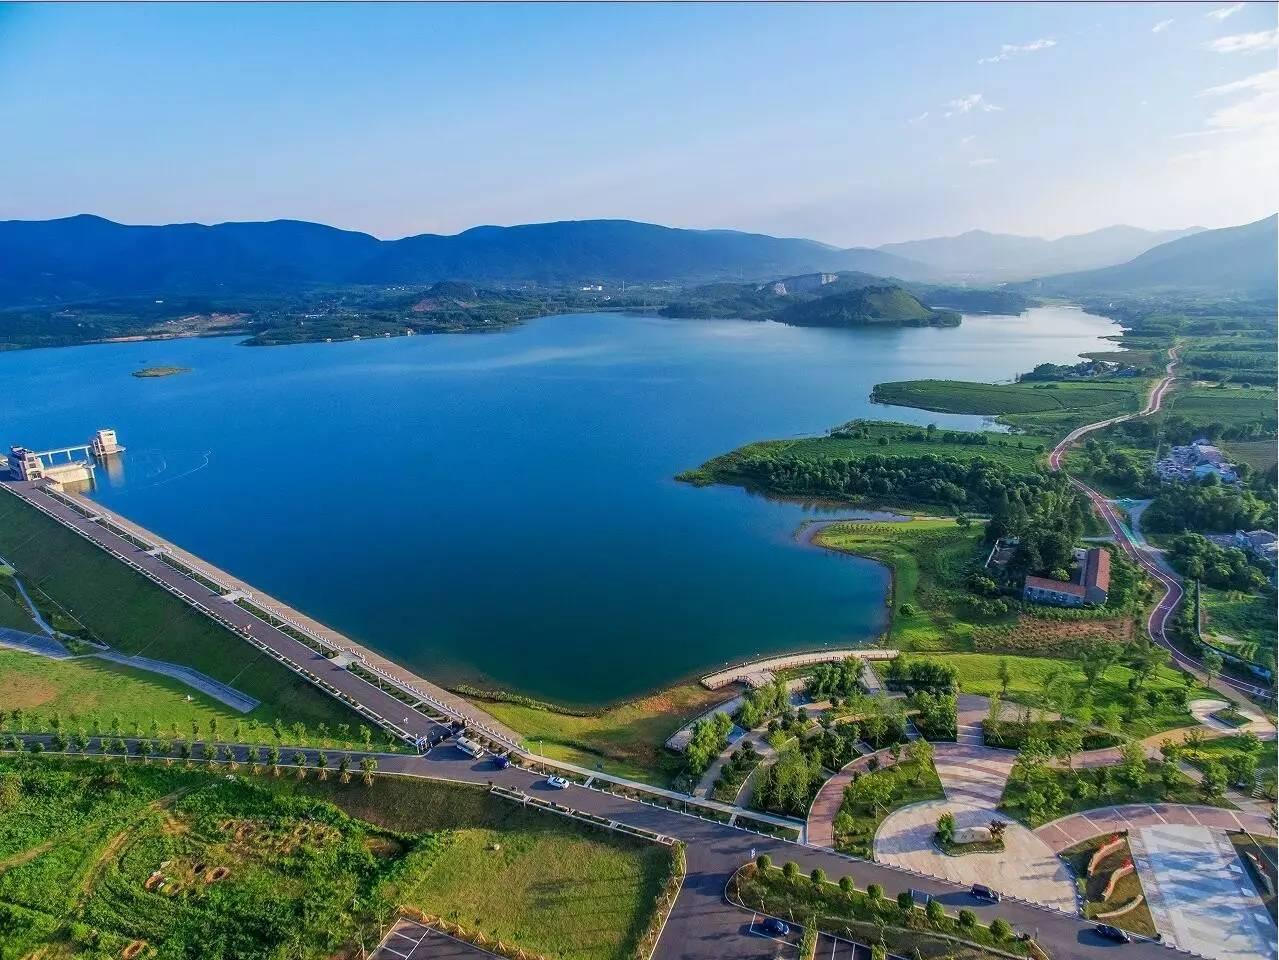 210亿!<b>优发娱乐</b>有史以来投资体量最大的项目,湖㳇引领新未来!